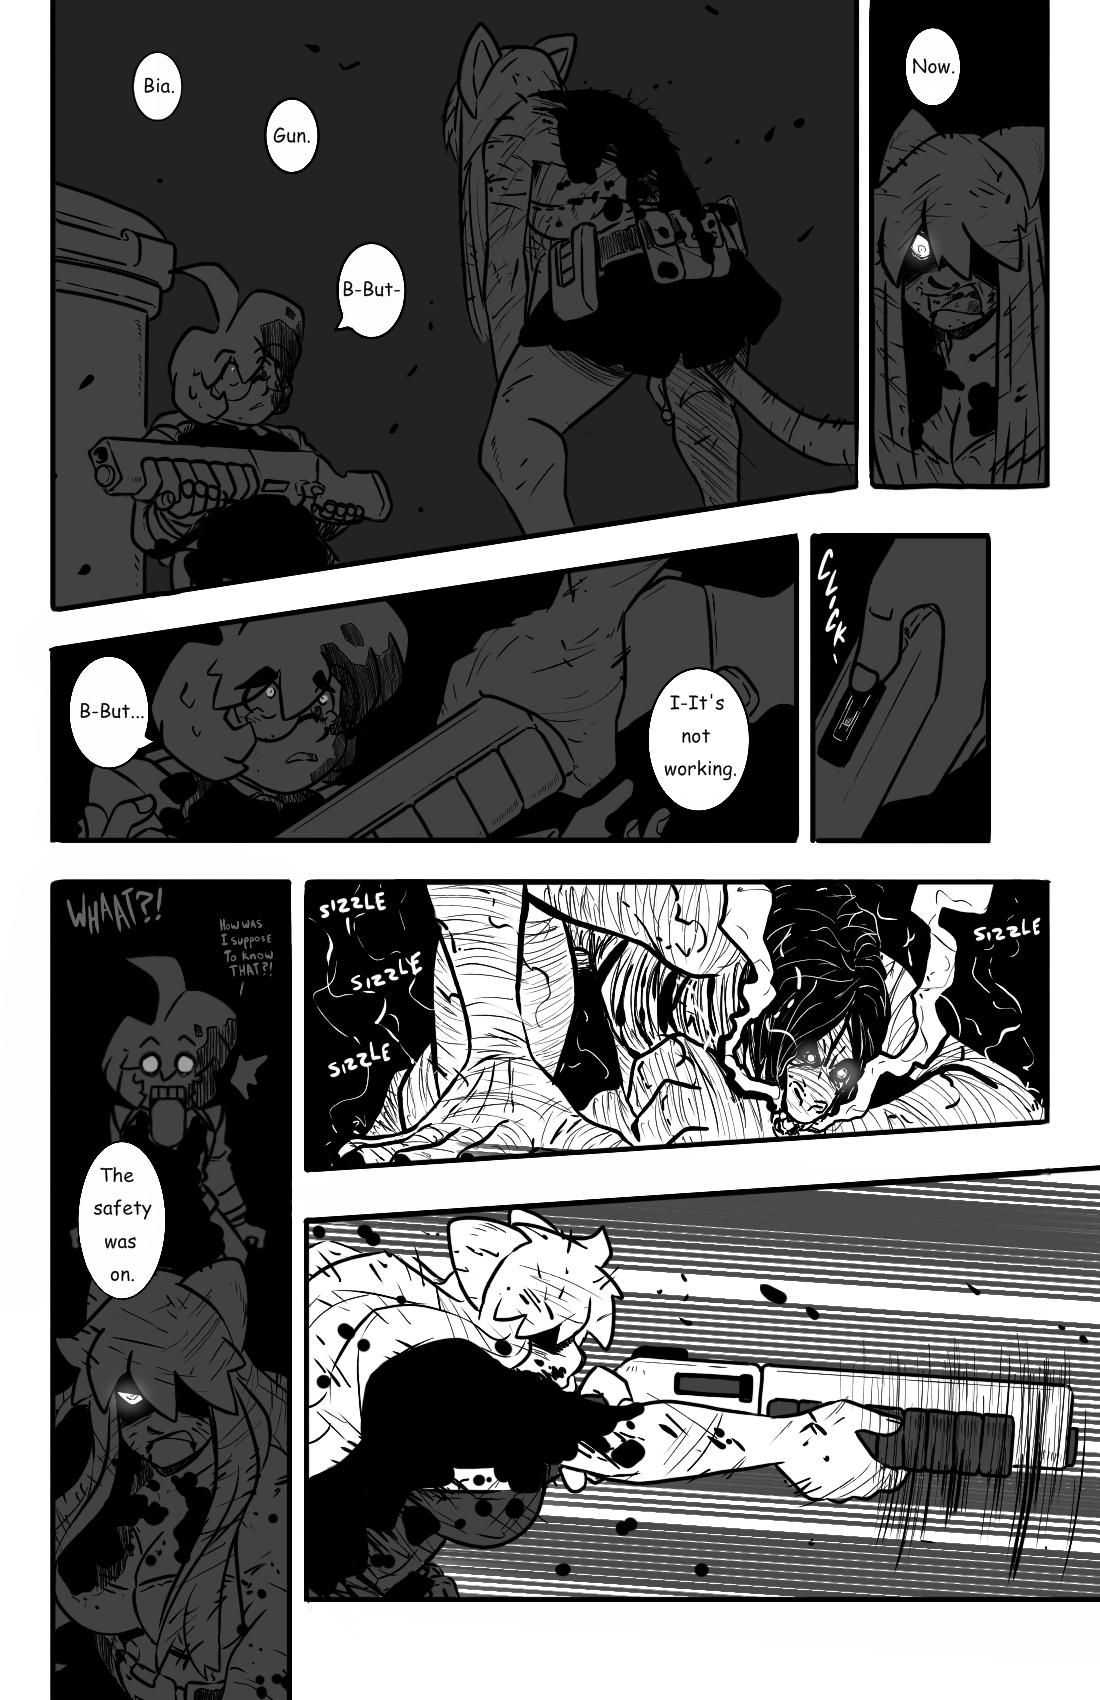 Bad Moon Rising Part 2 pg.41